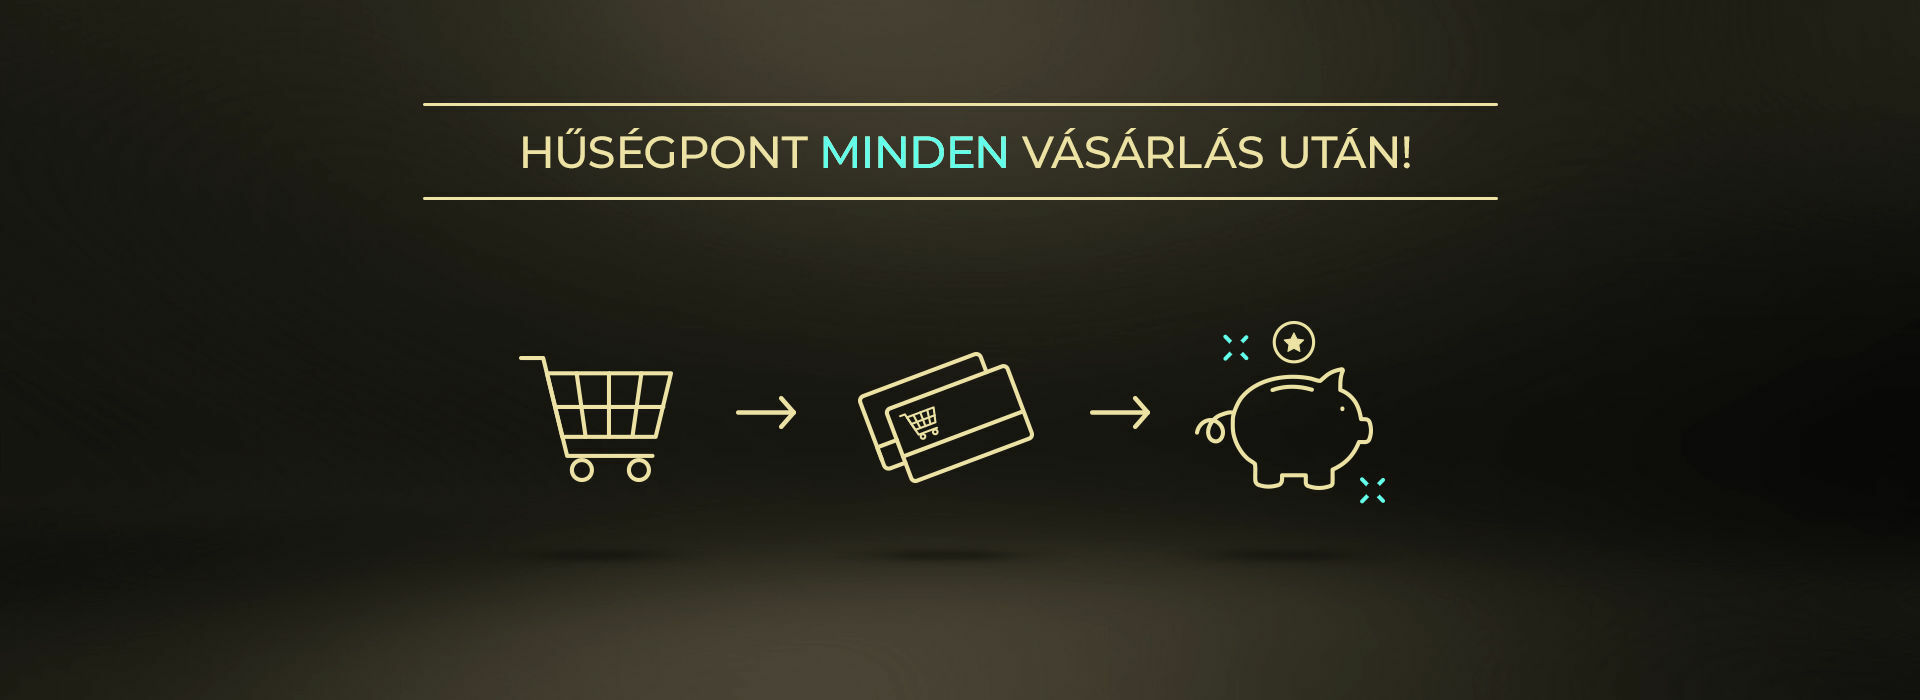 Myrobalan hűségpontrendszer - minden vásárlás után értékes pontok